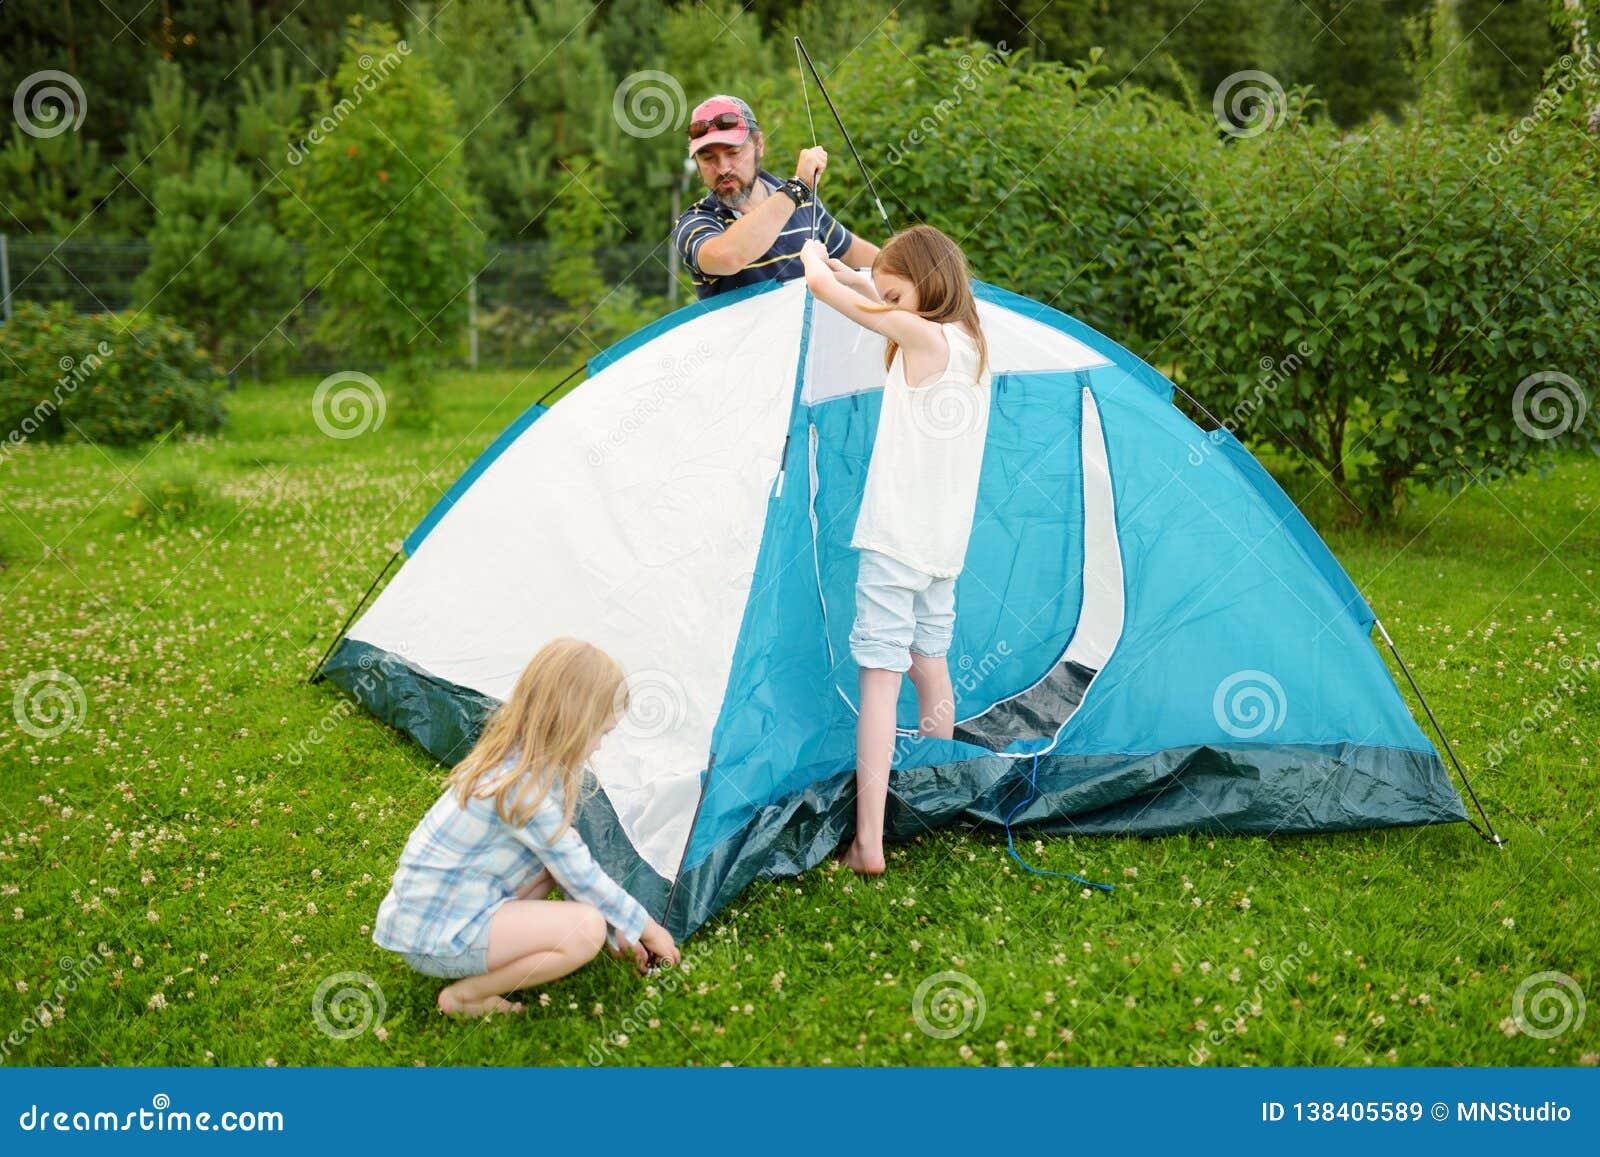 Leuke meisjes die hun ouder helpen aan opstelling een tent op een kampeerterrein Actieve levensstijl, familie recreatief weekend